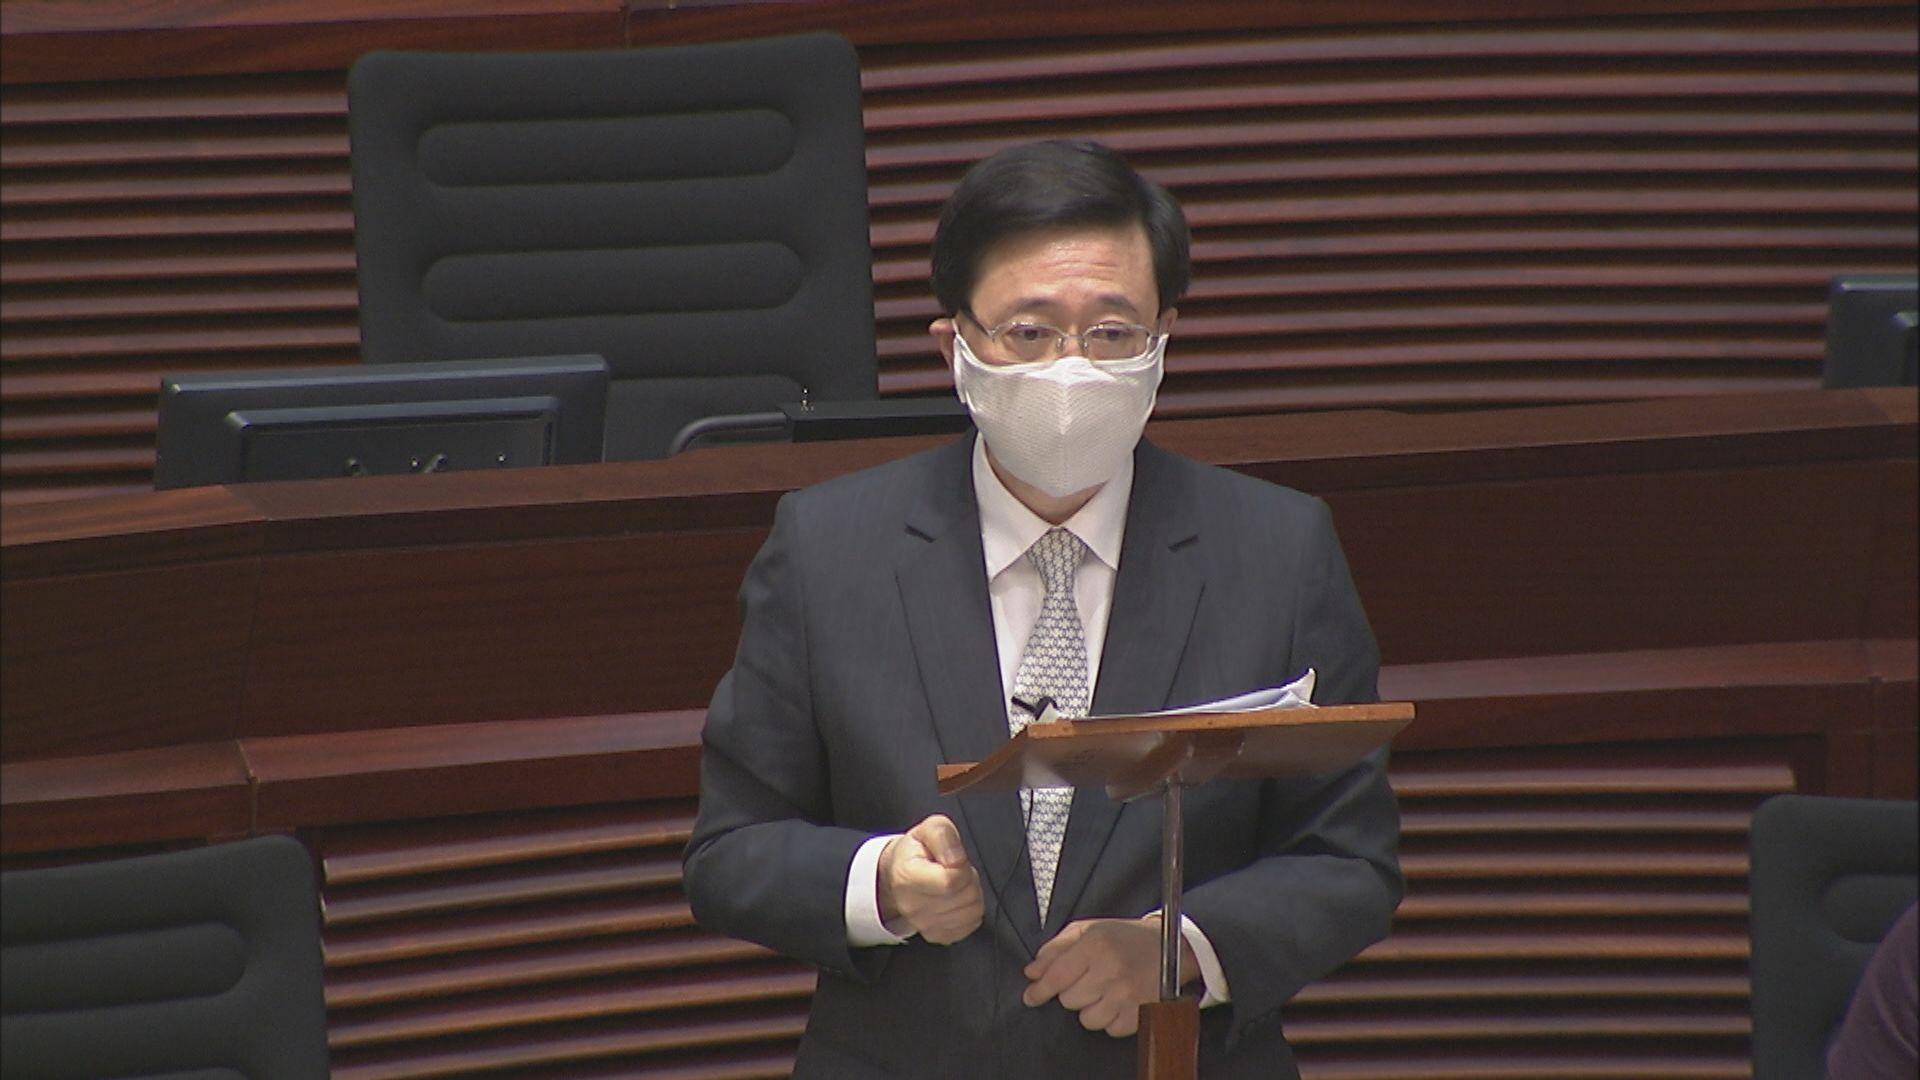 李家超:議員將23條污名化 突顯國家安全風險